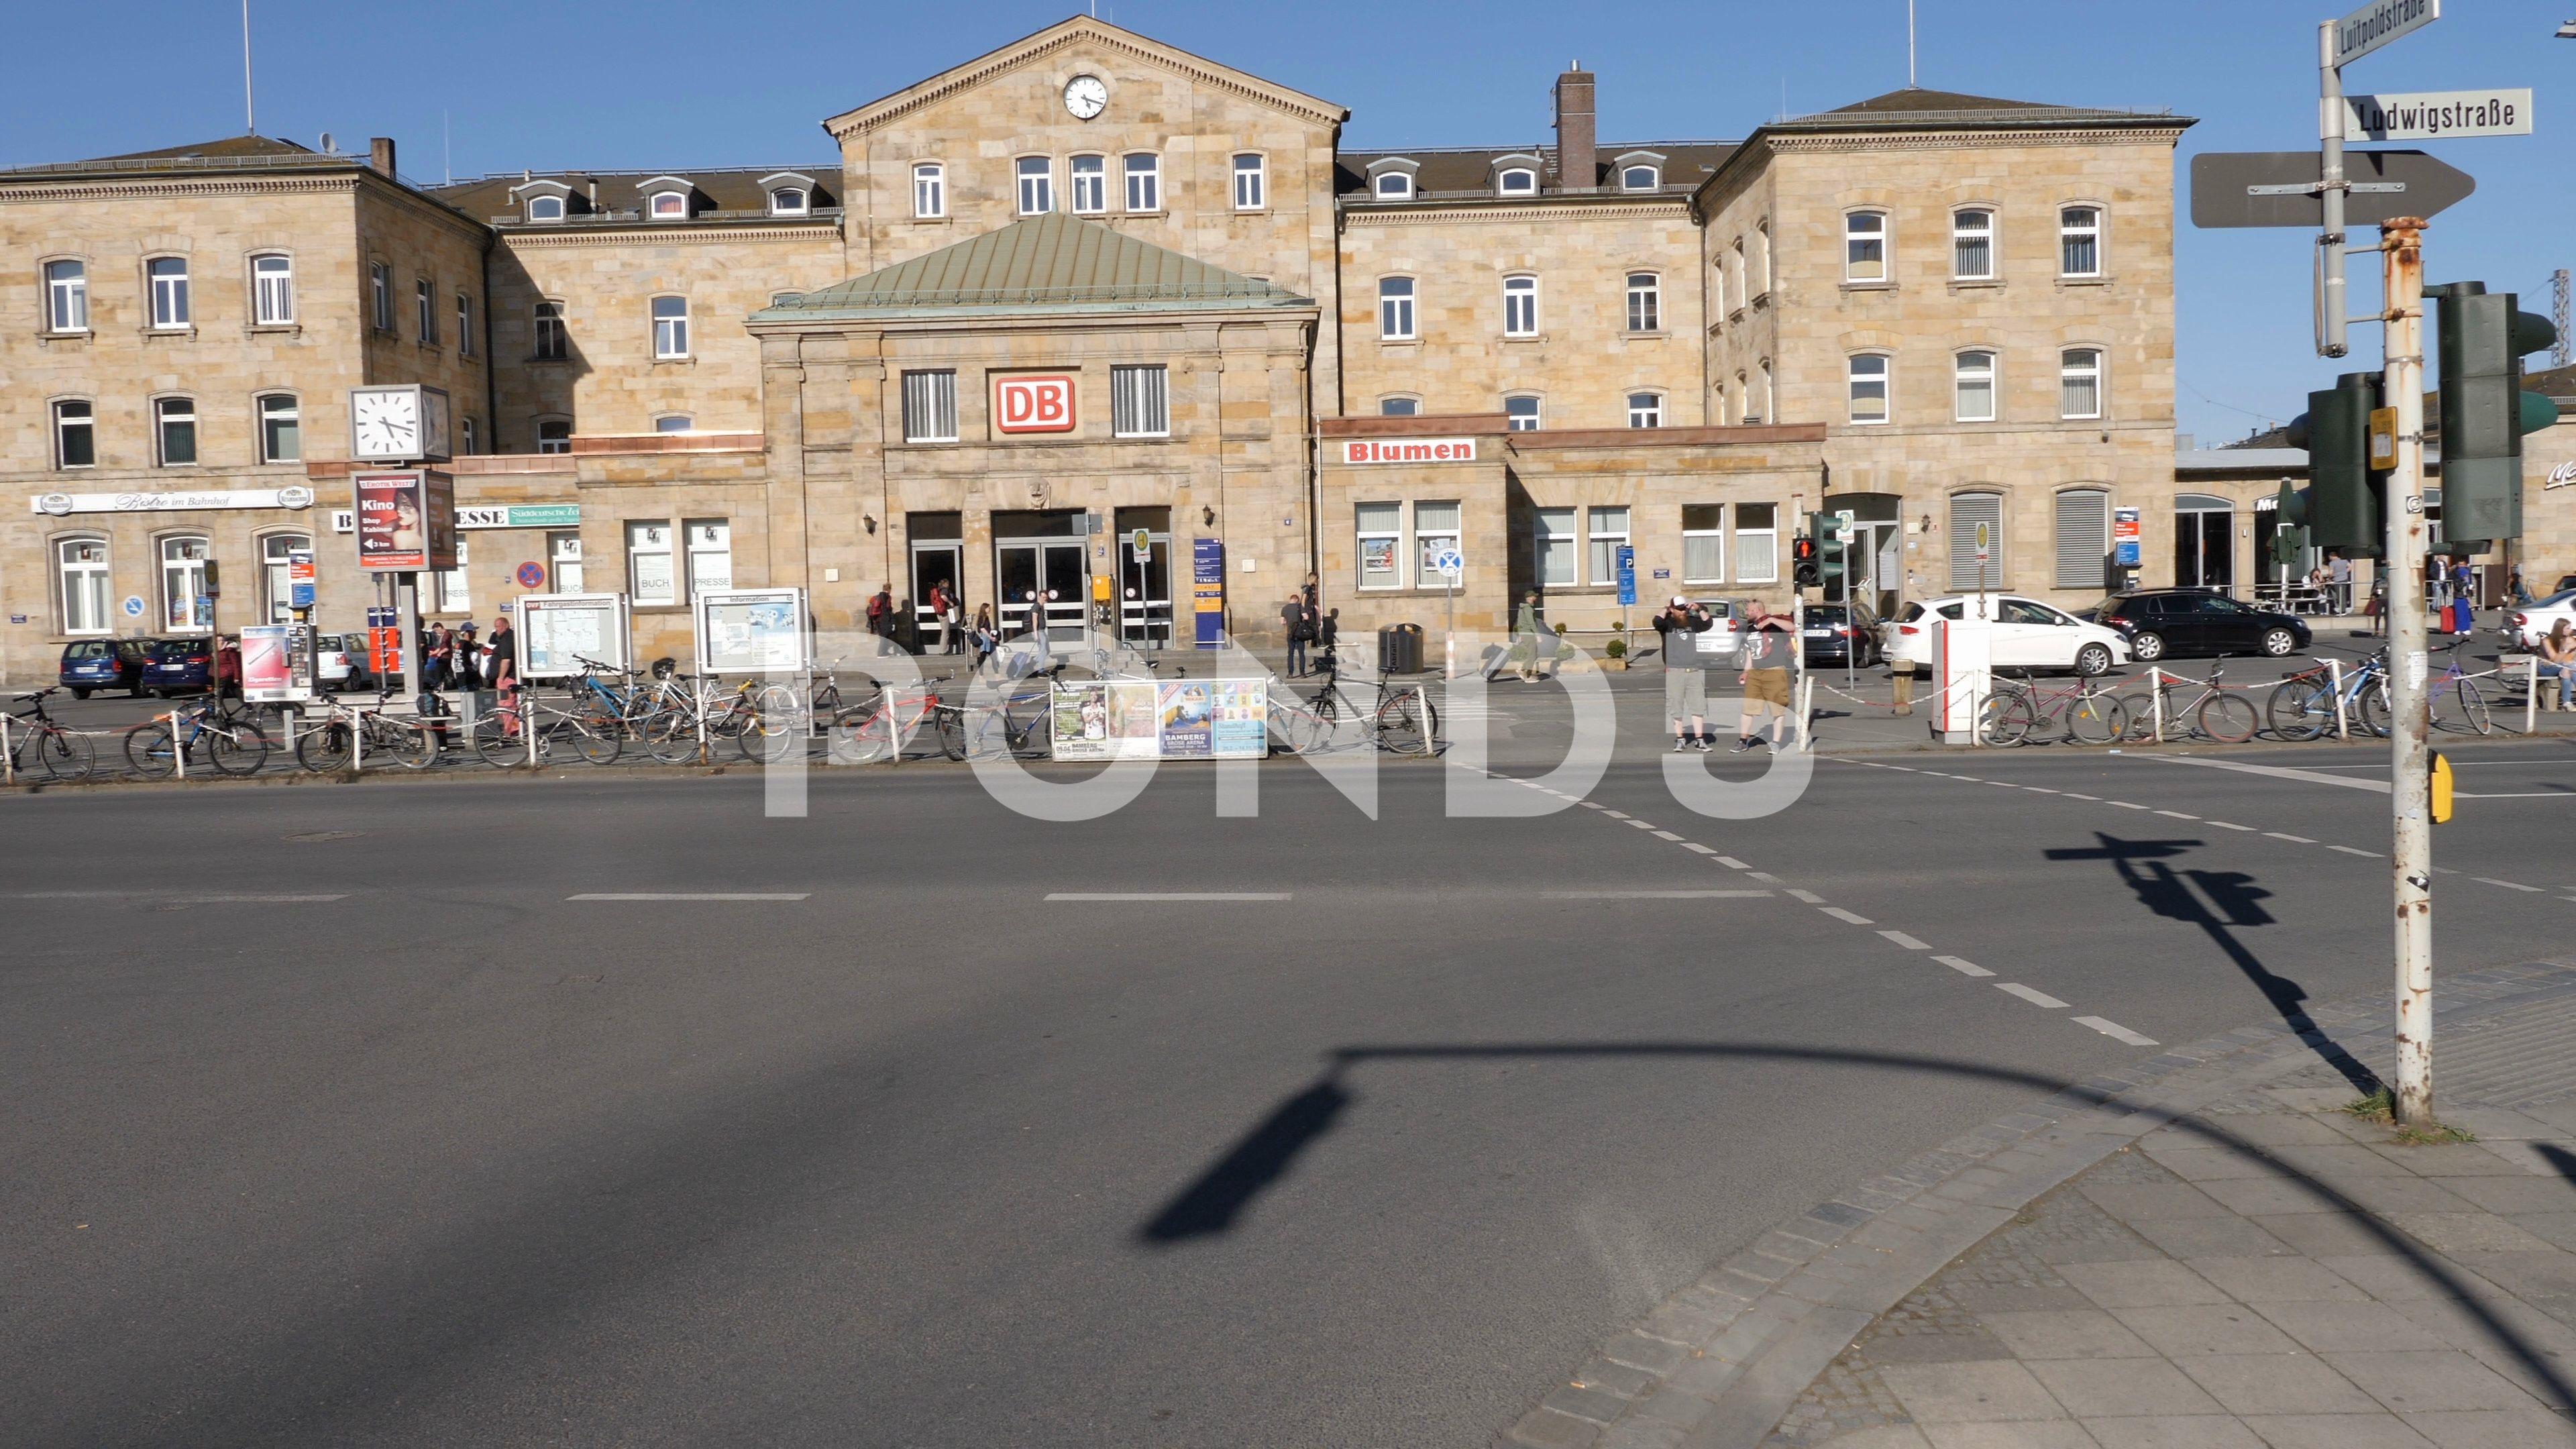 Bamberg station